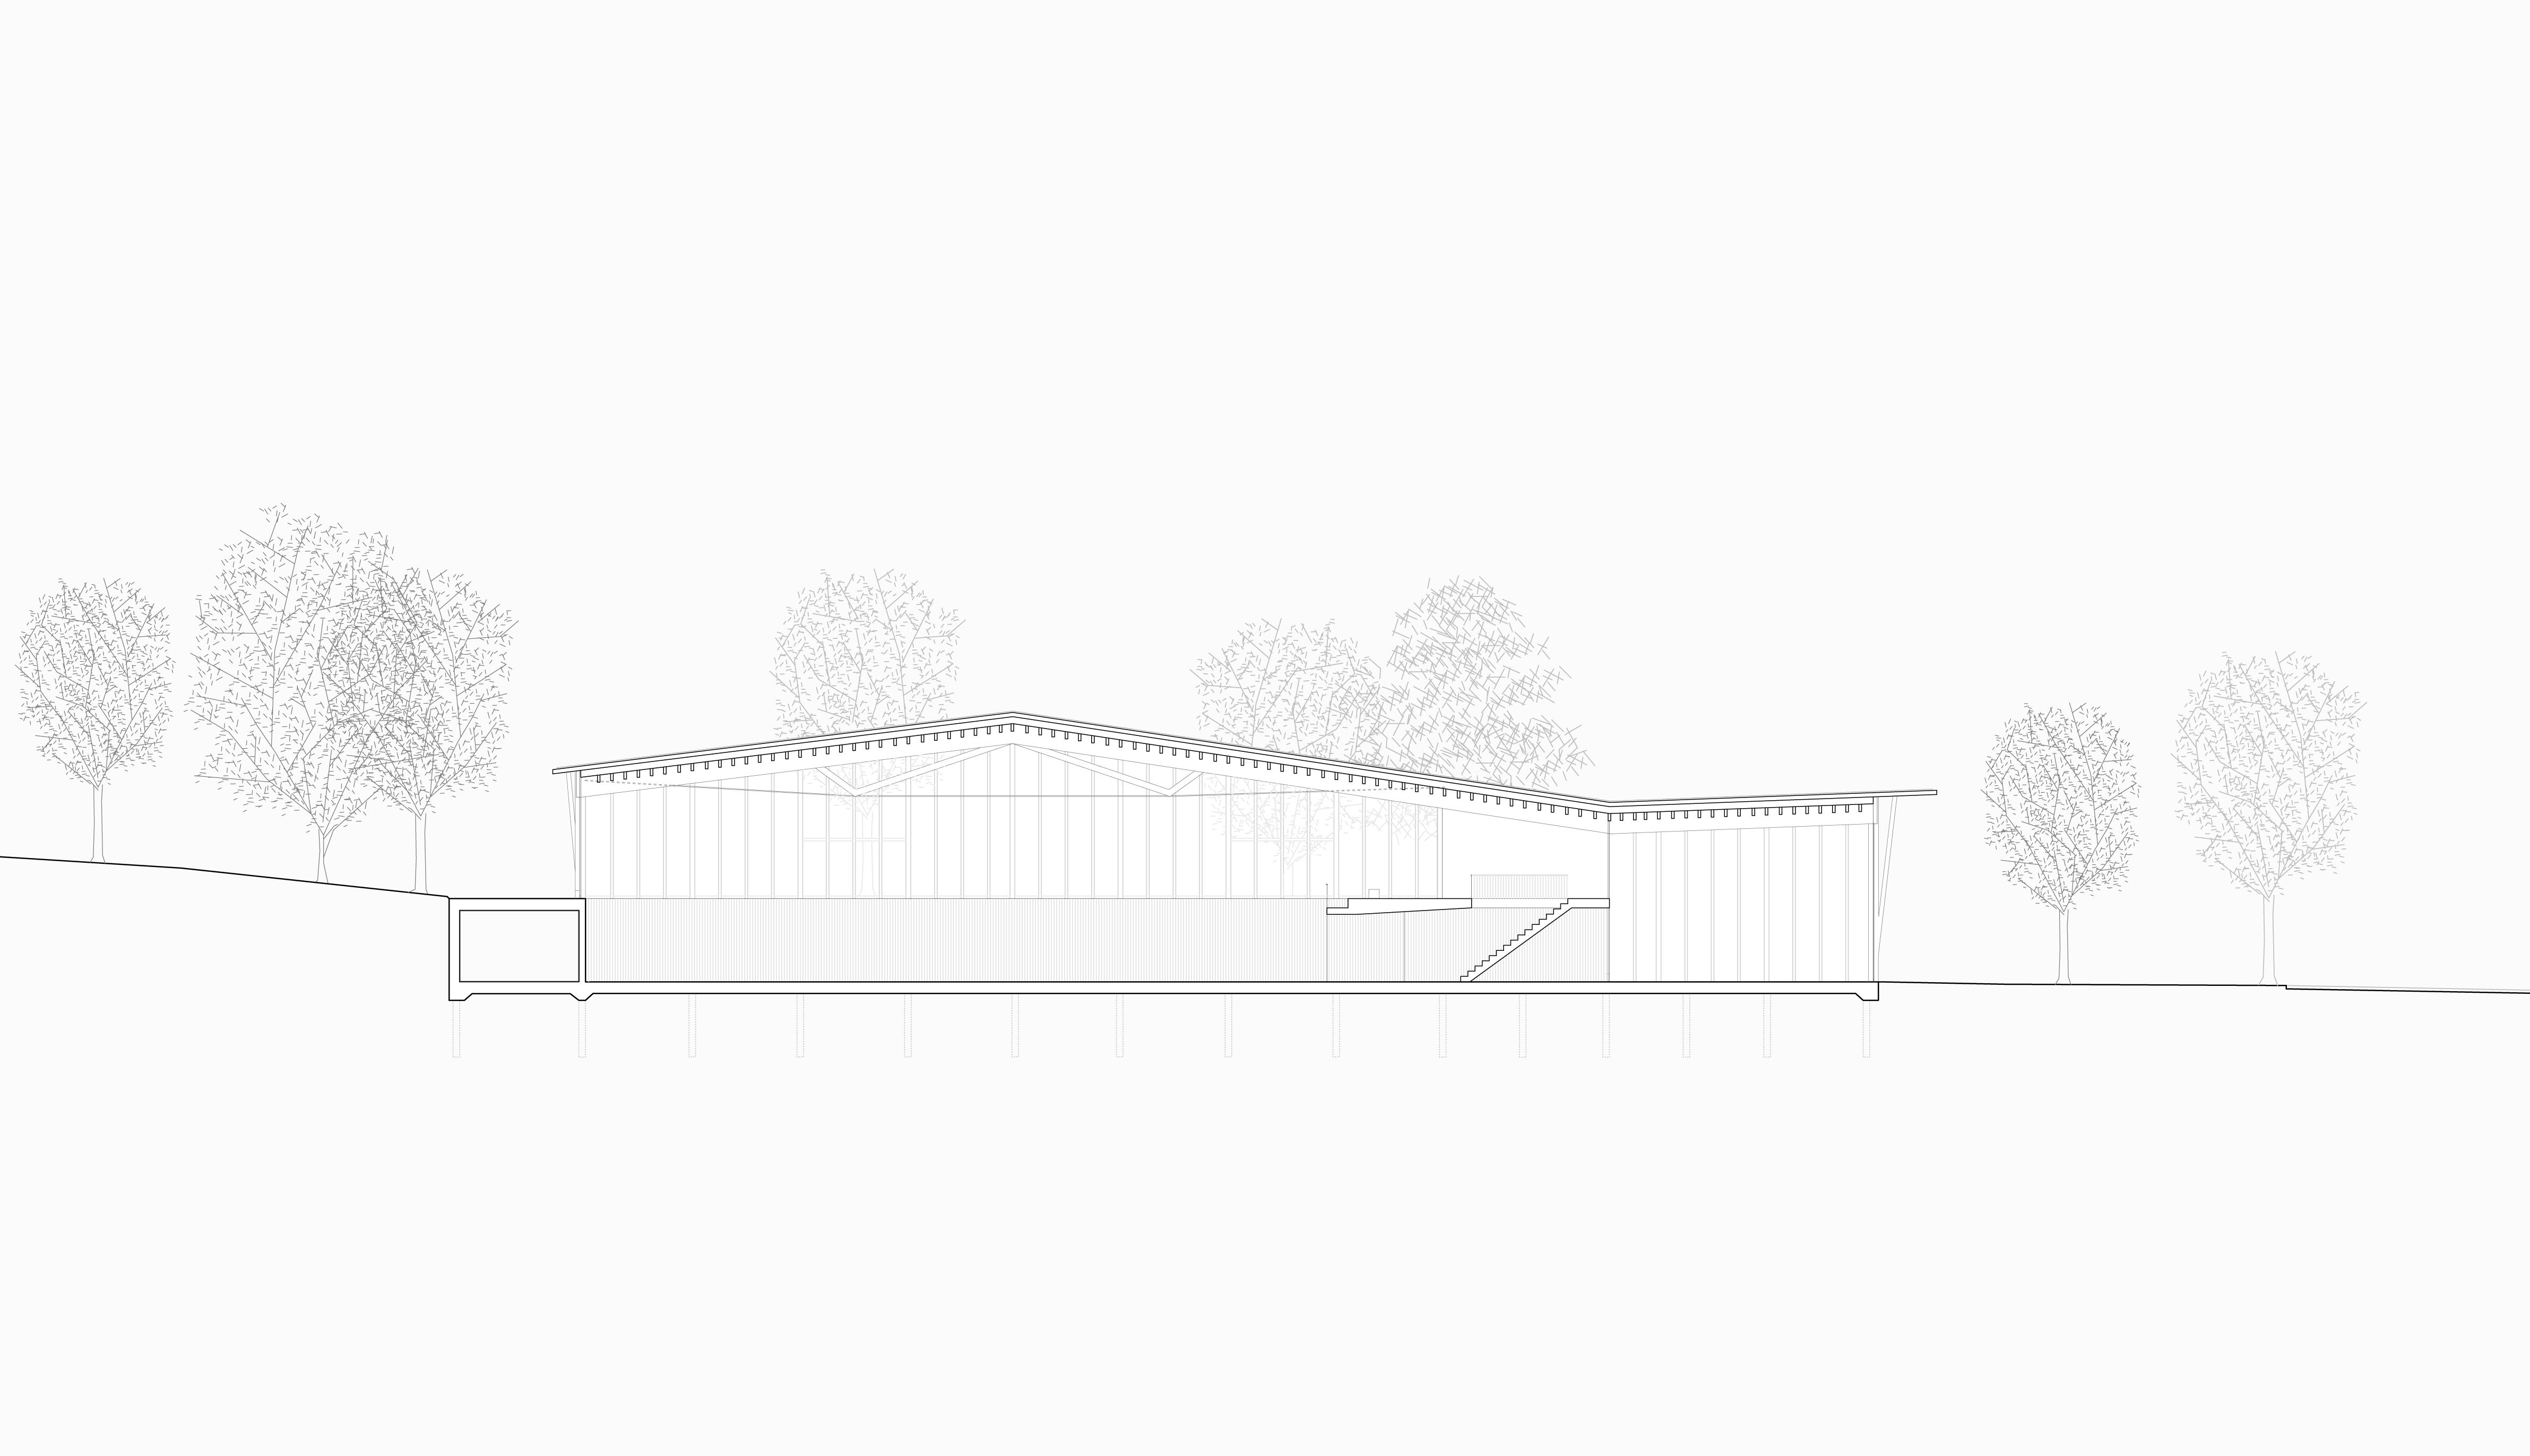 STUDIO CORNEL STAEHELI  Dreifachsporthalle mit Feuerwehrstützpunkt und Zivilschutzanlage Beromünster Situation Schnitt